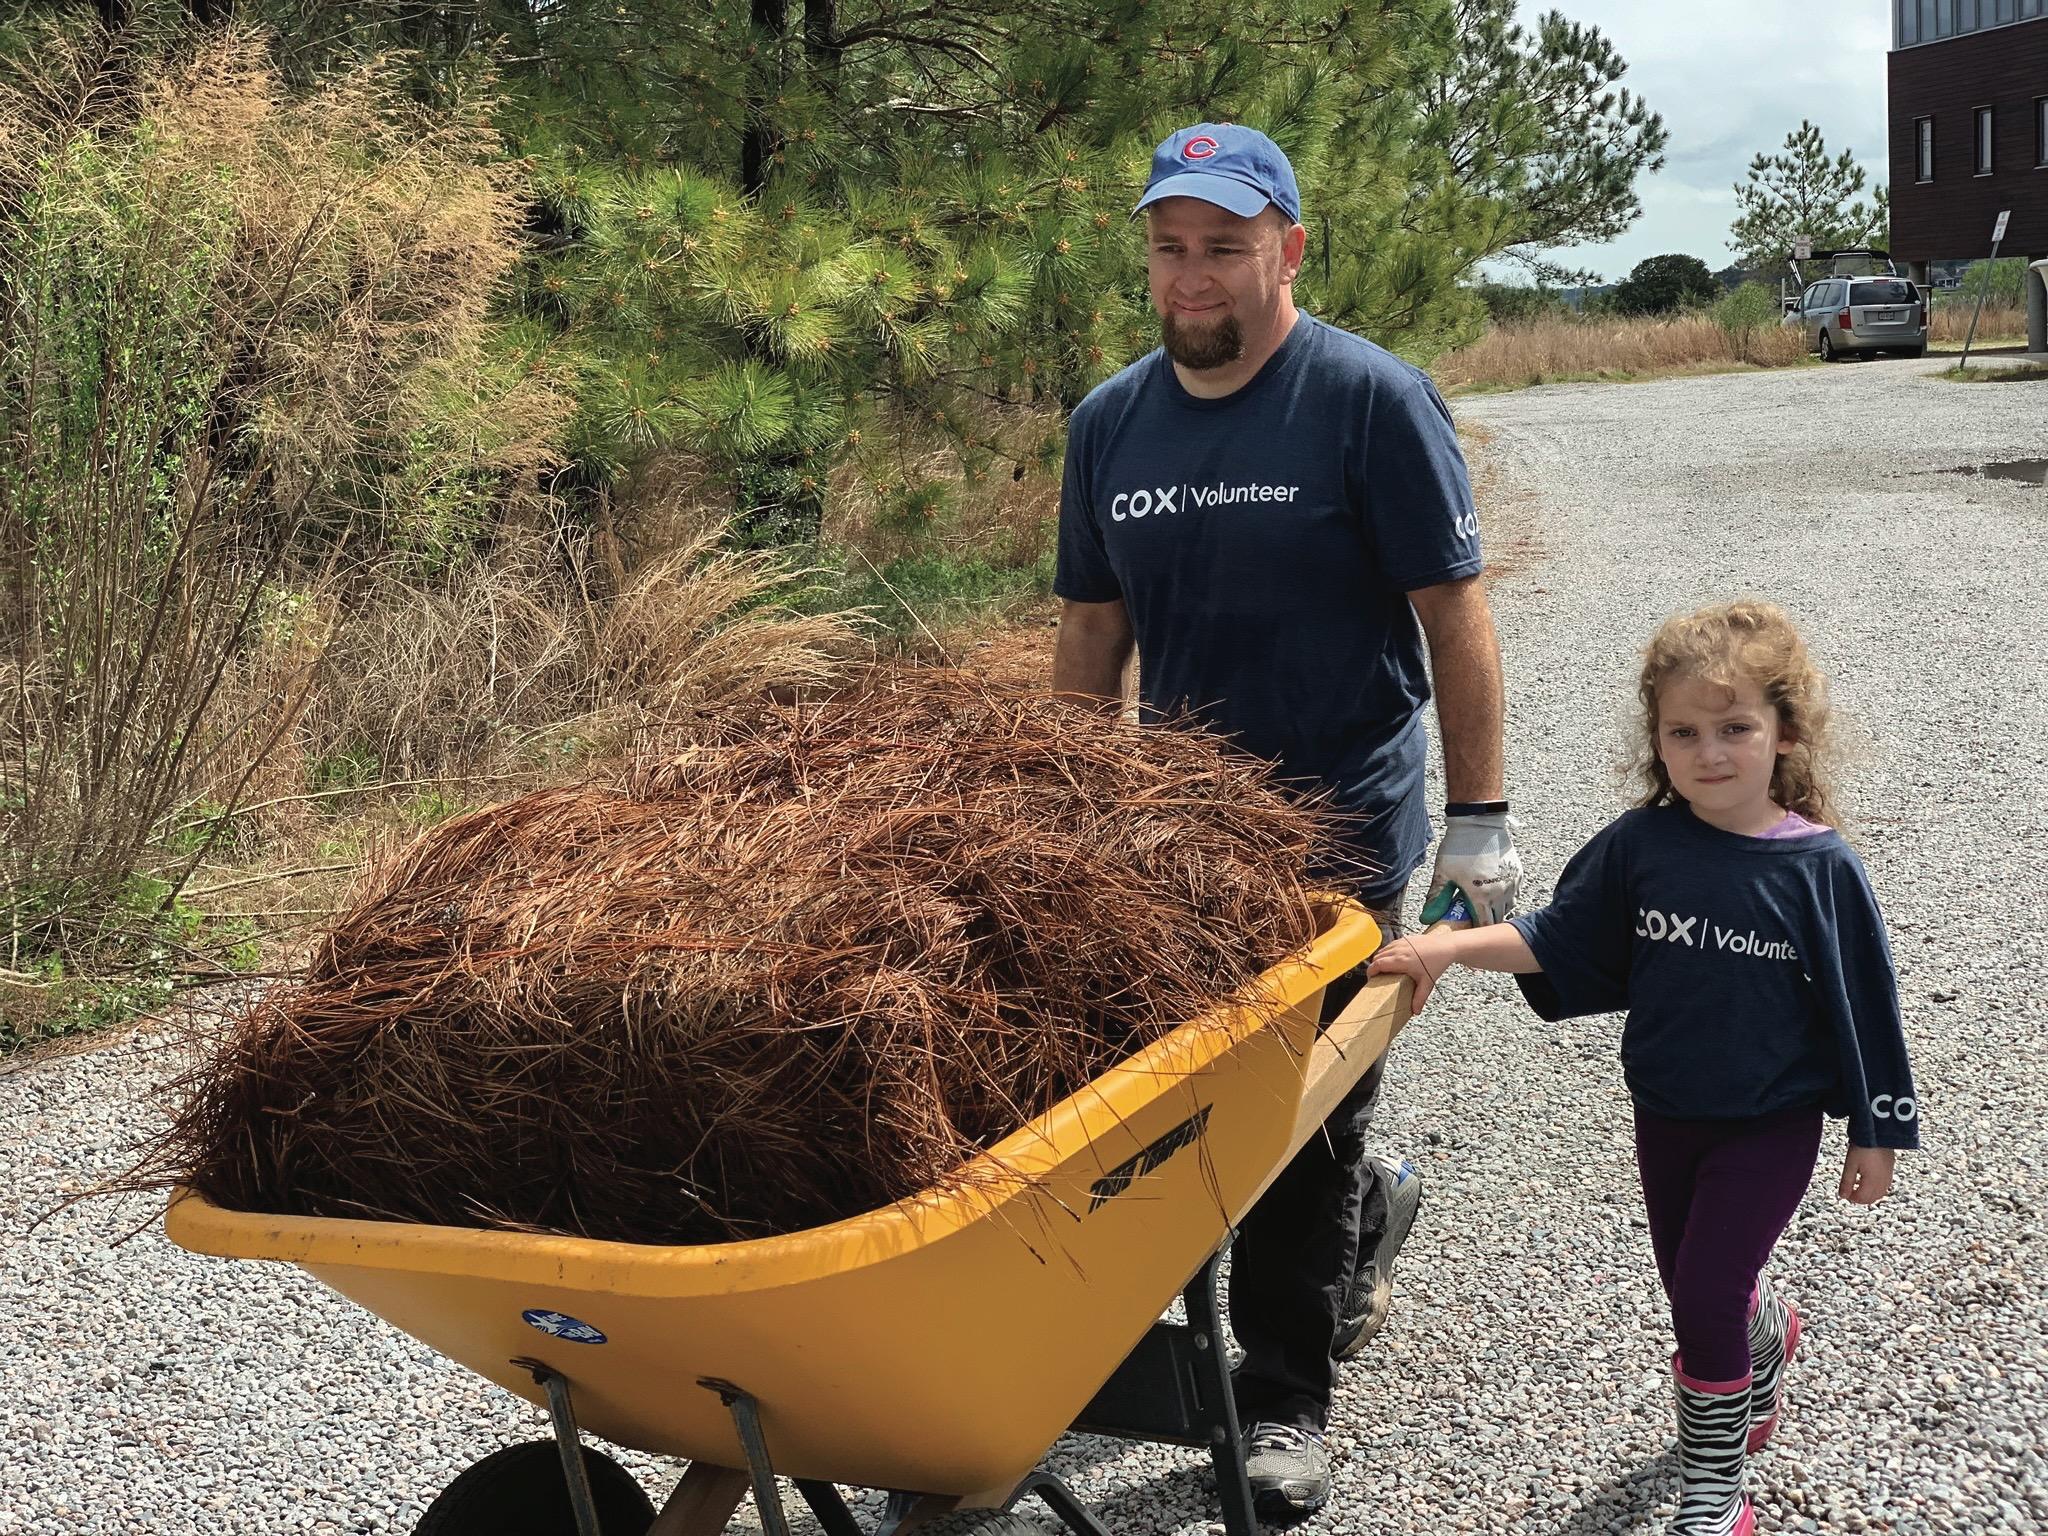 Cox employee volunteering